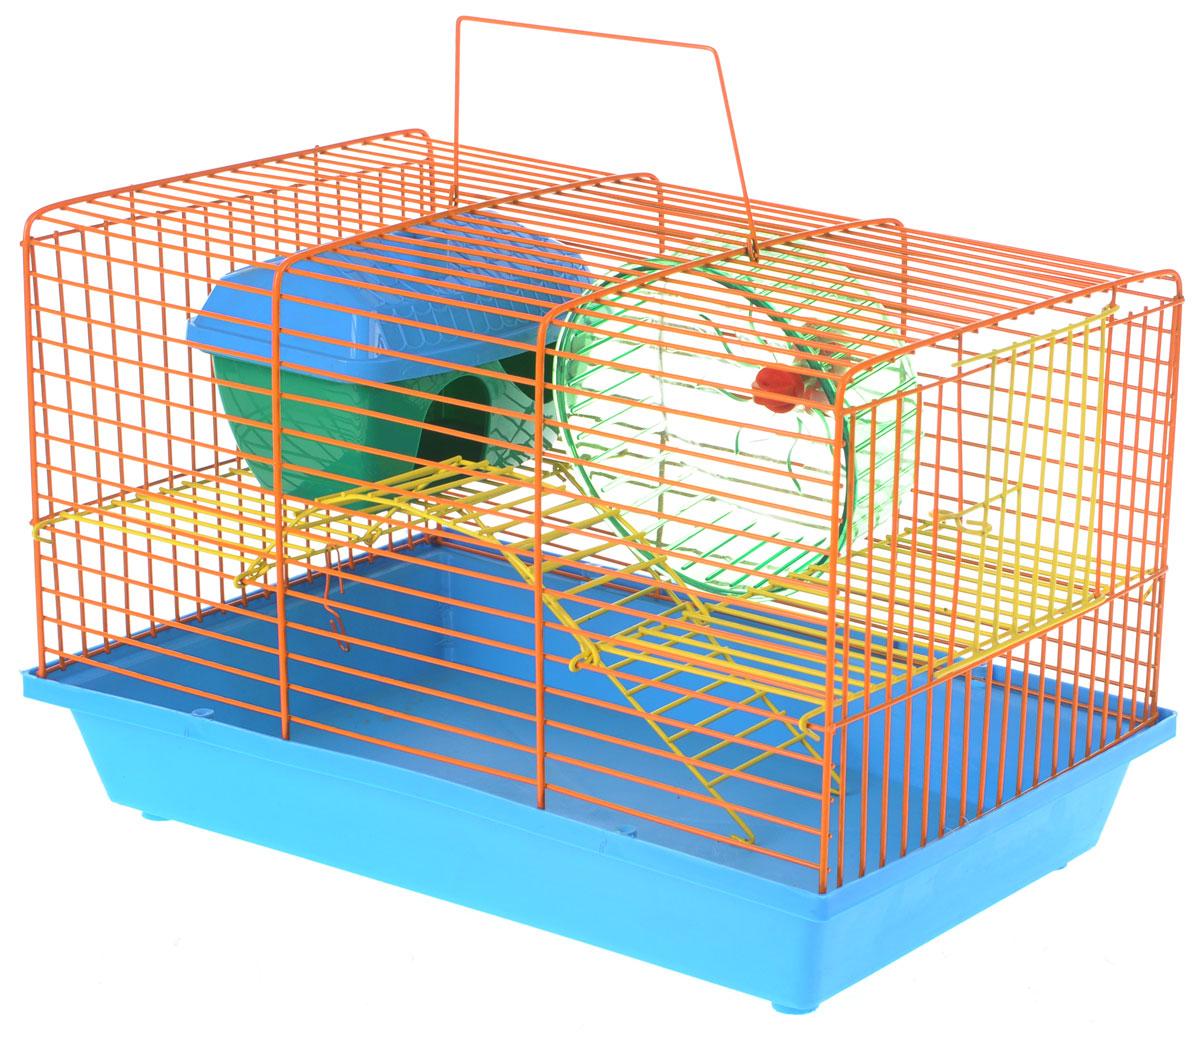 Клетка для грызунов Зоомарк Венеция, 2-этажная, цвет: голубой поддон, оранжевая решетка, 36 х 23 х 24 см0120710Клетка Зоомарк Венеция, выполненная из полипропилена и металла, подходит для мелких грызунов. Изделие двухэтажное, оборудовано колесом для подвижных игр и пластиковым домиком. Клетка имеет яркий поддон, удобна в использовании и легко чистится. Сверху имеется ручка для переноски. Такая клетка станет уединенным личным пространством и уютным домиком для маленького грызуна.